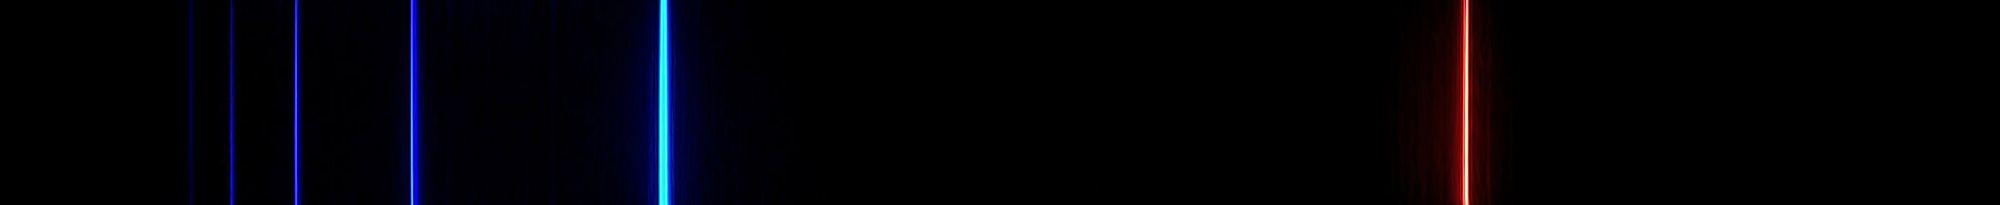 Spektrum von Wasserstoff, wenn es durch Wärme angeregt worden ist.